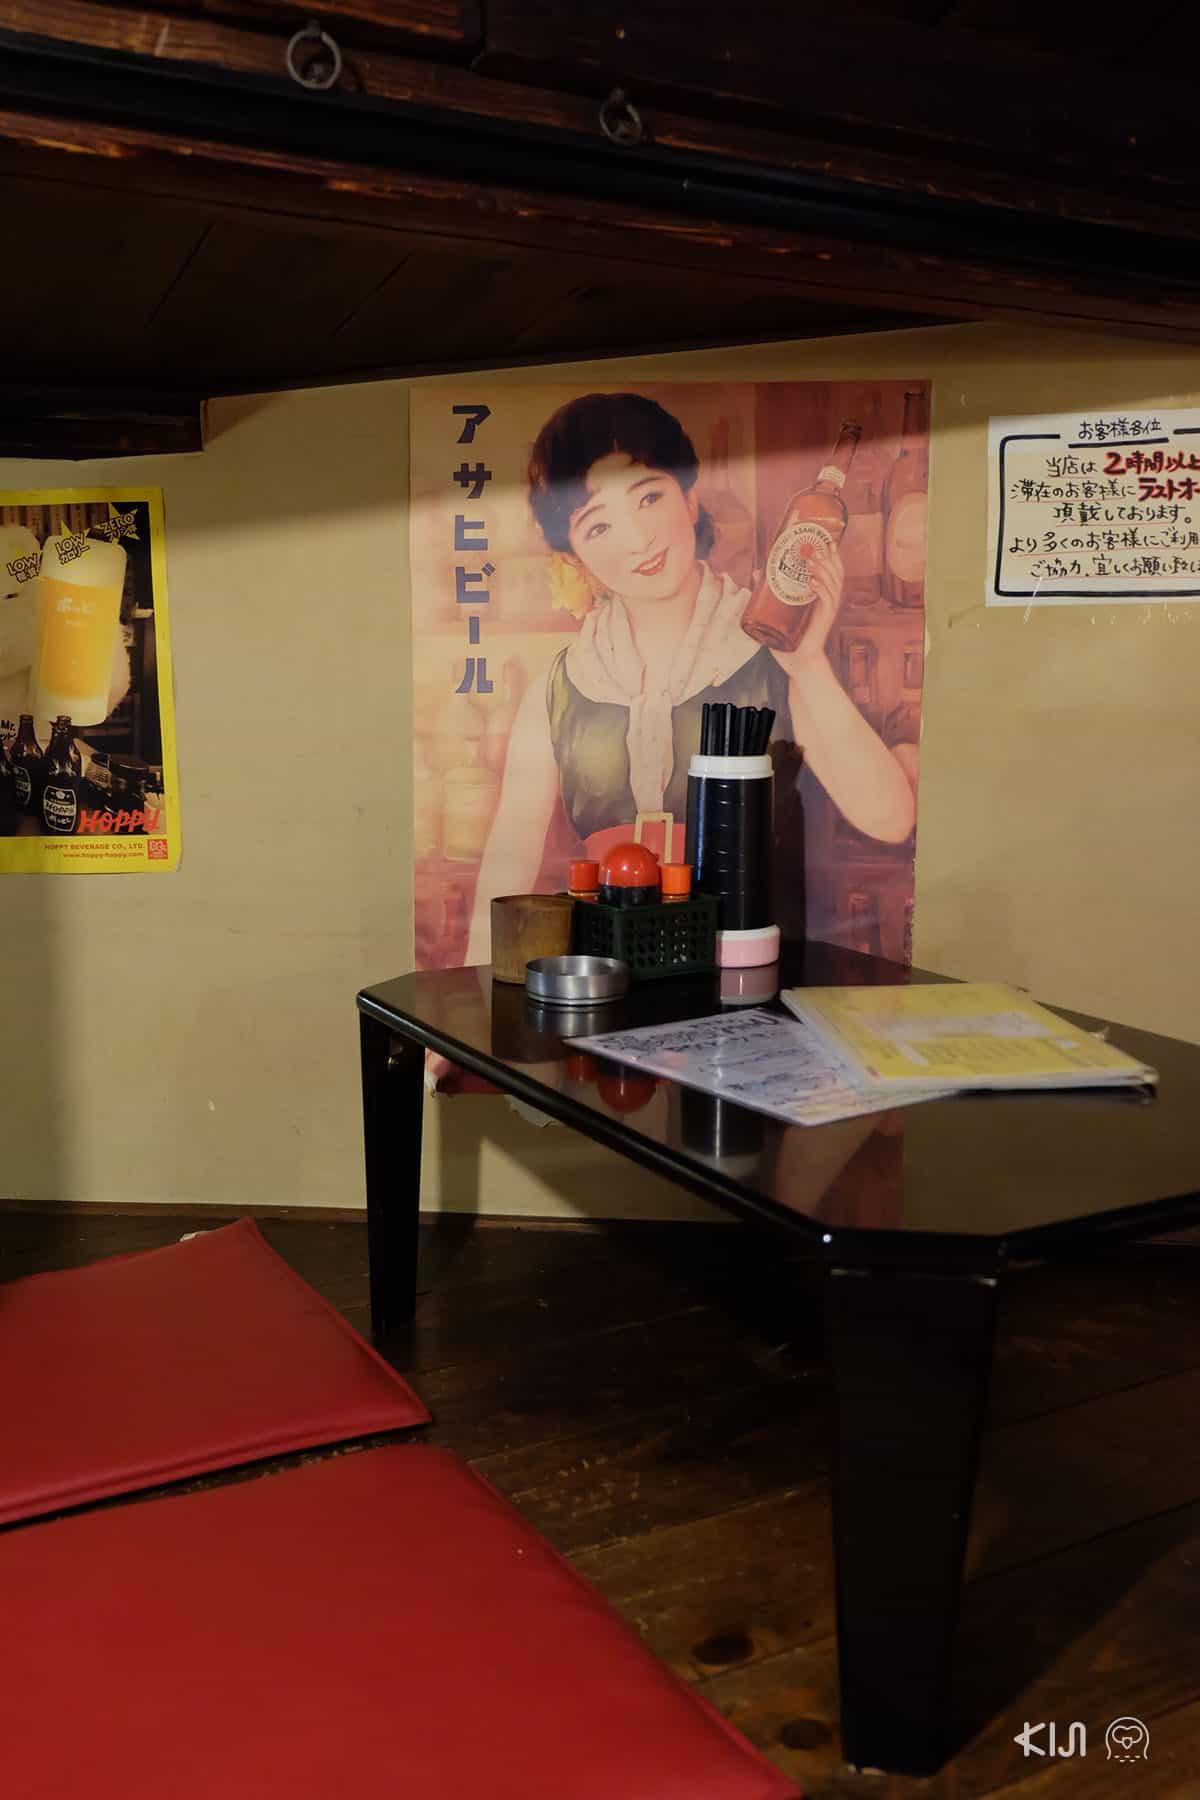 คอนเซ็ปต์และบรรยากาศของร้าน นากิยะ (Nagiya) เป็นสไตล์วินเทจ